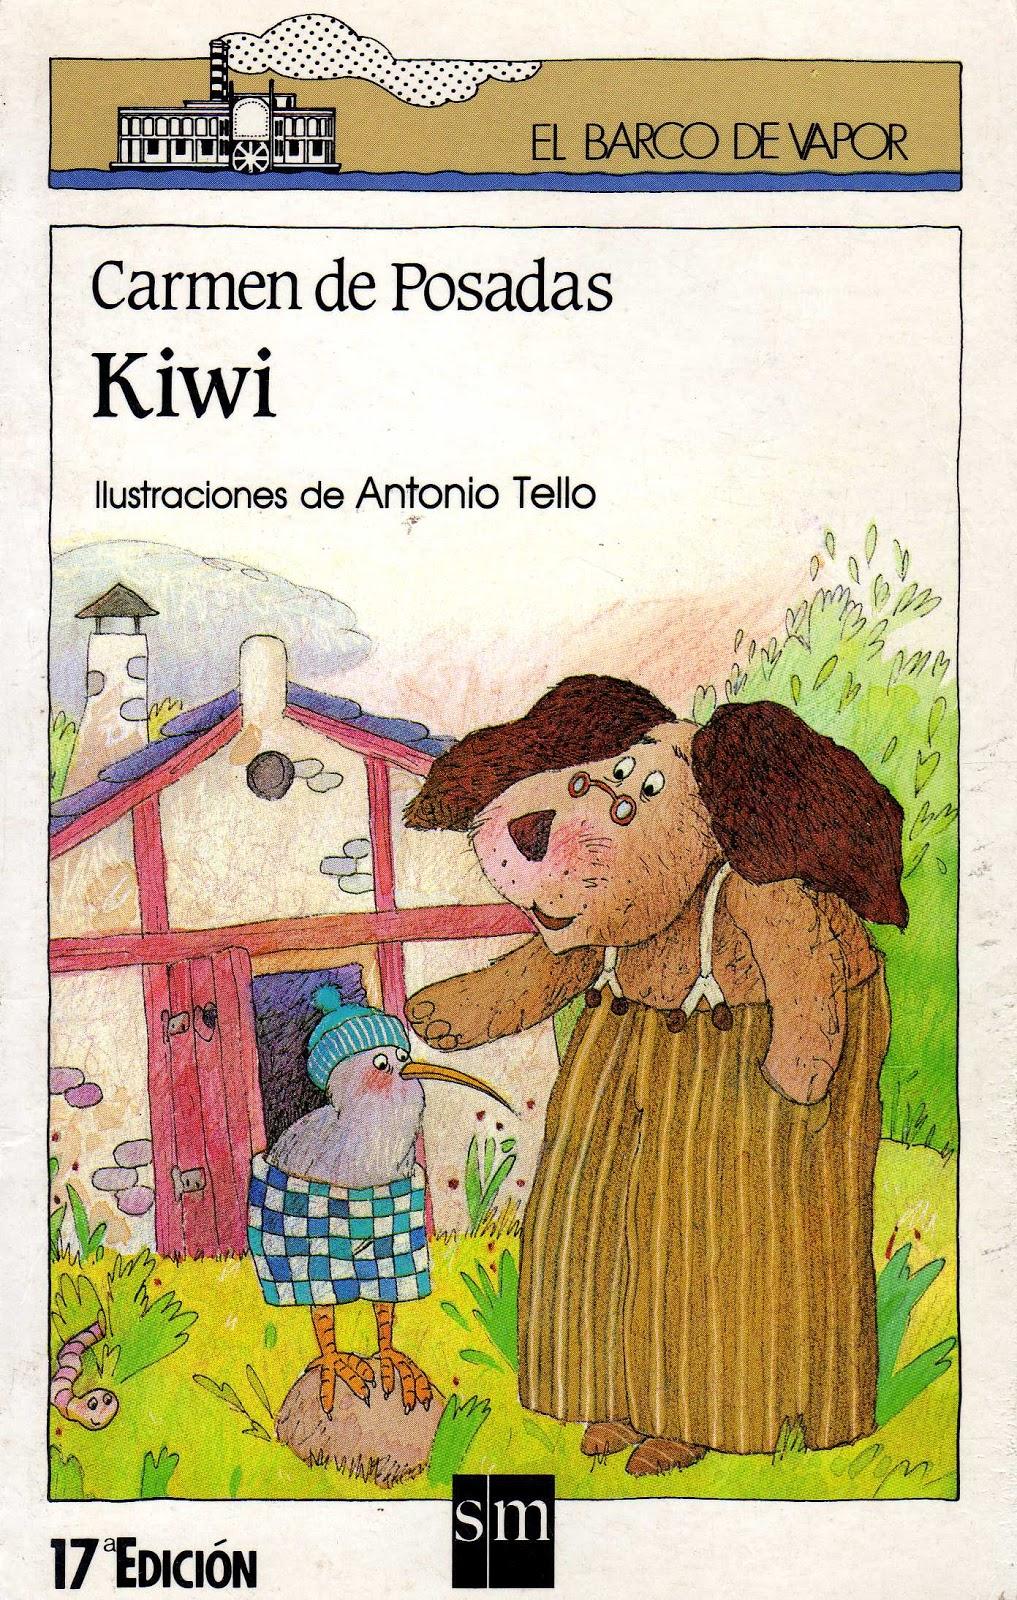 ... blanca del barco de vapor, de la editorial SM, unos libros  recomendables para aquellos niños que se adentran al fantástico mundo de la  lectura.